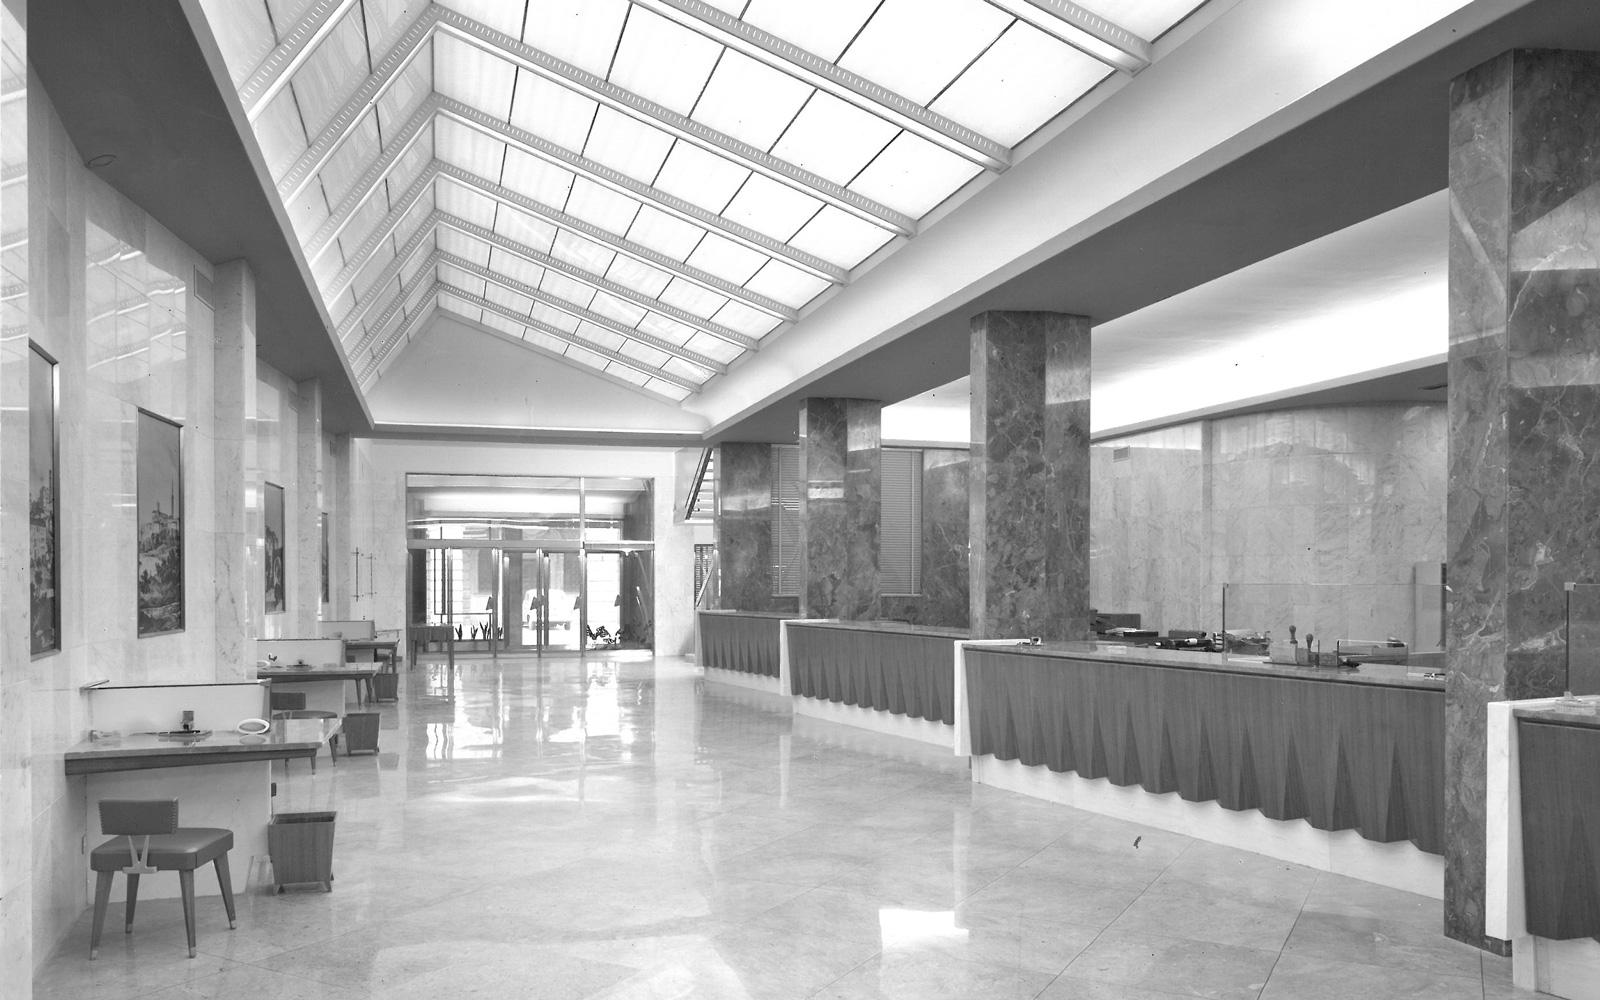 Banca nazionale del lavoro udine margraf for Lavoro a udine